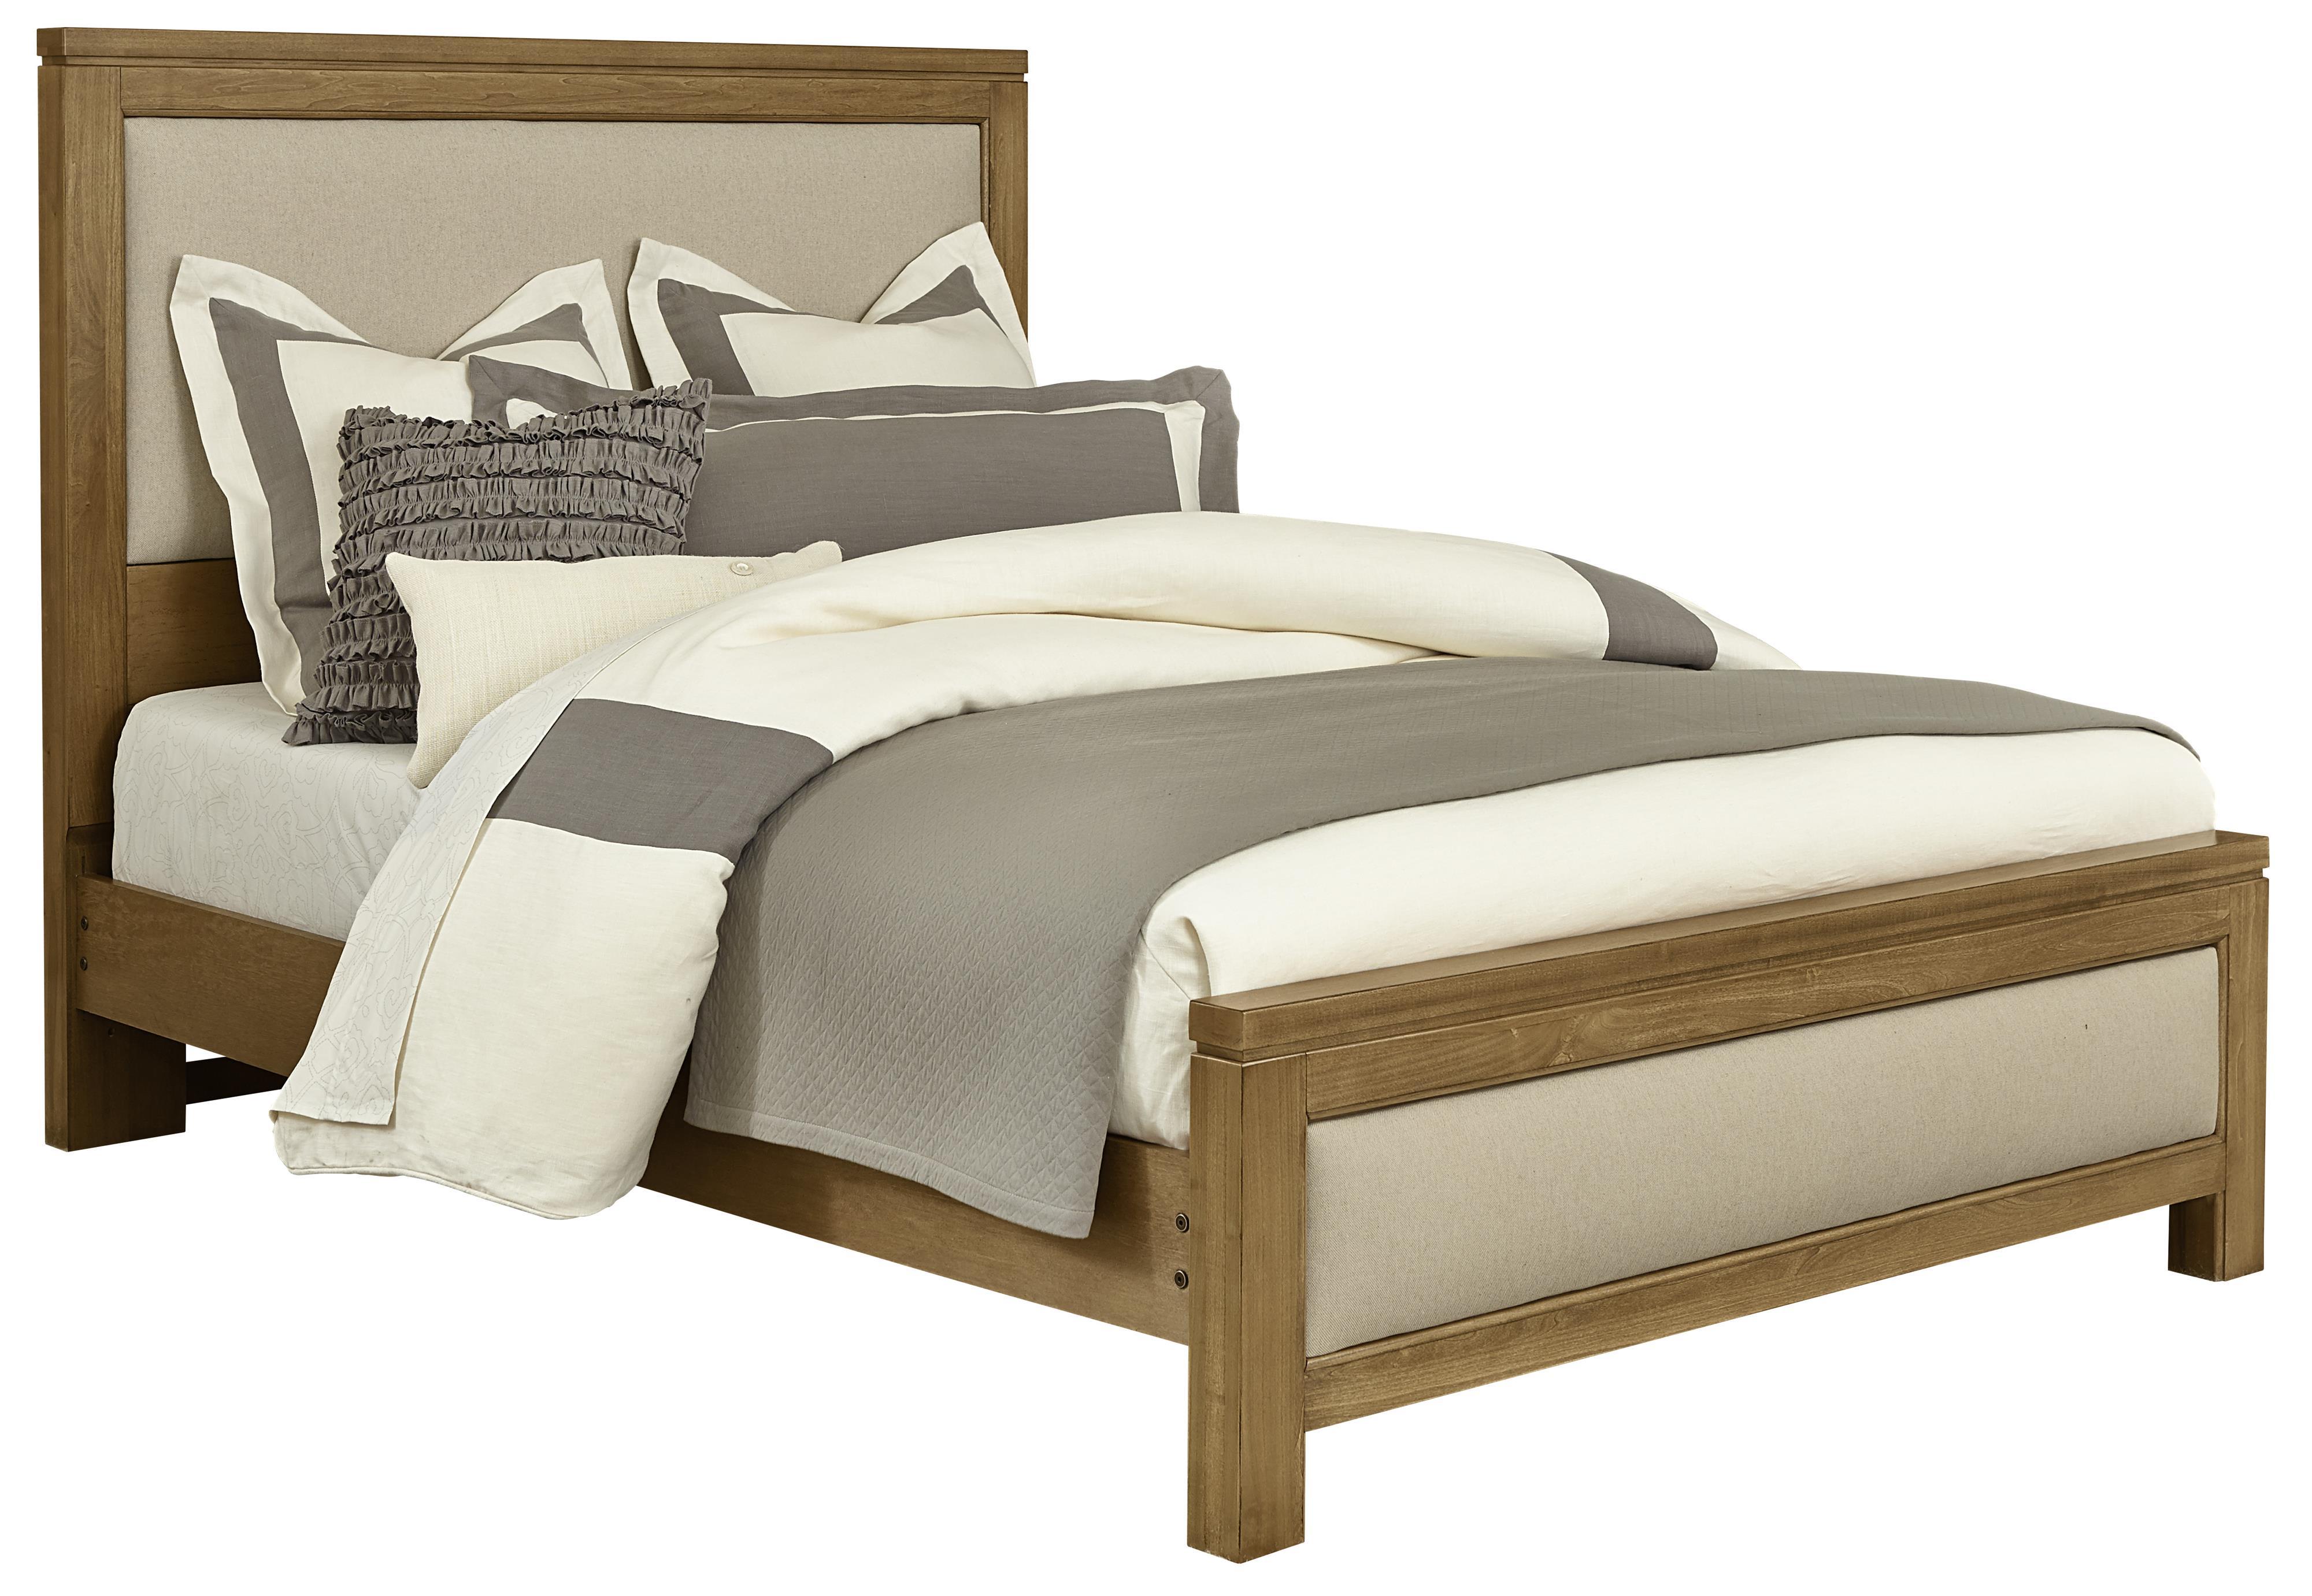 Vaughan Bassett Kismet King Upholstered Bed, Base Cloth Linen - Item Number: 414-669+966+922+MS1